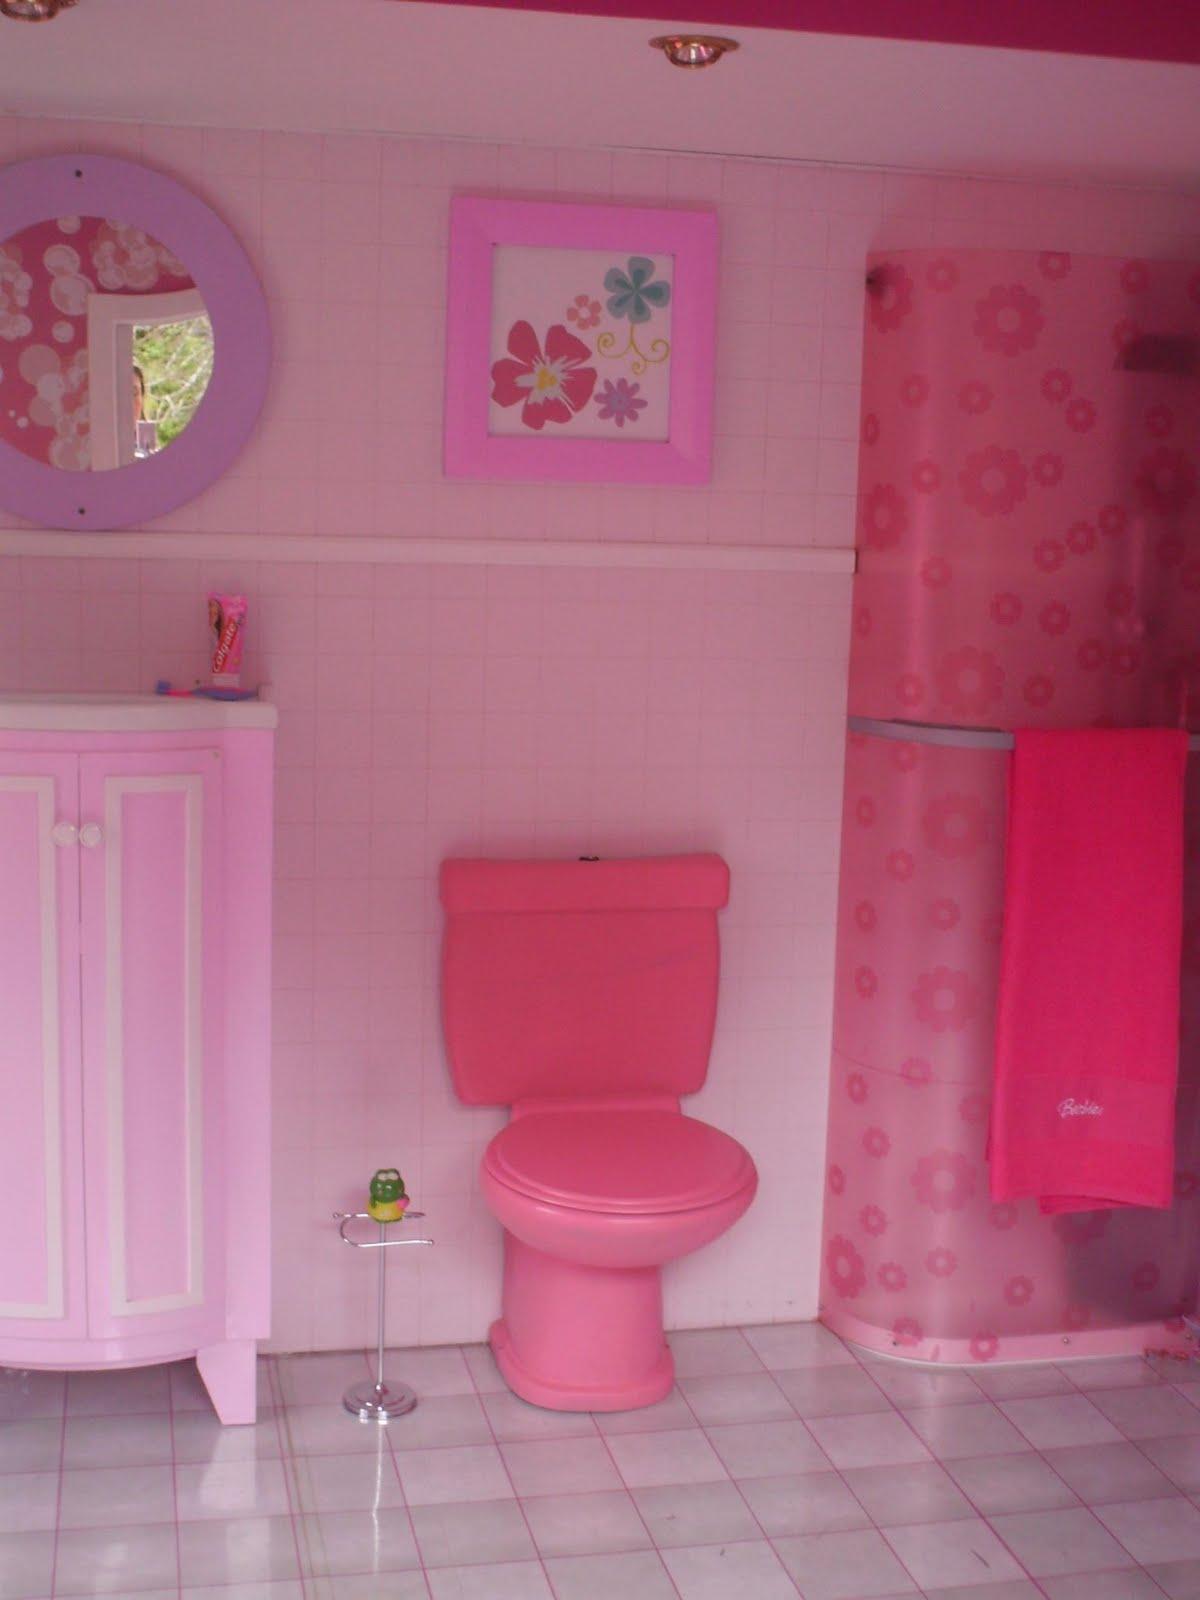 Biscoito Struts: Obsessão por banheiros! #B11A47 1200 1600